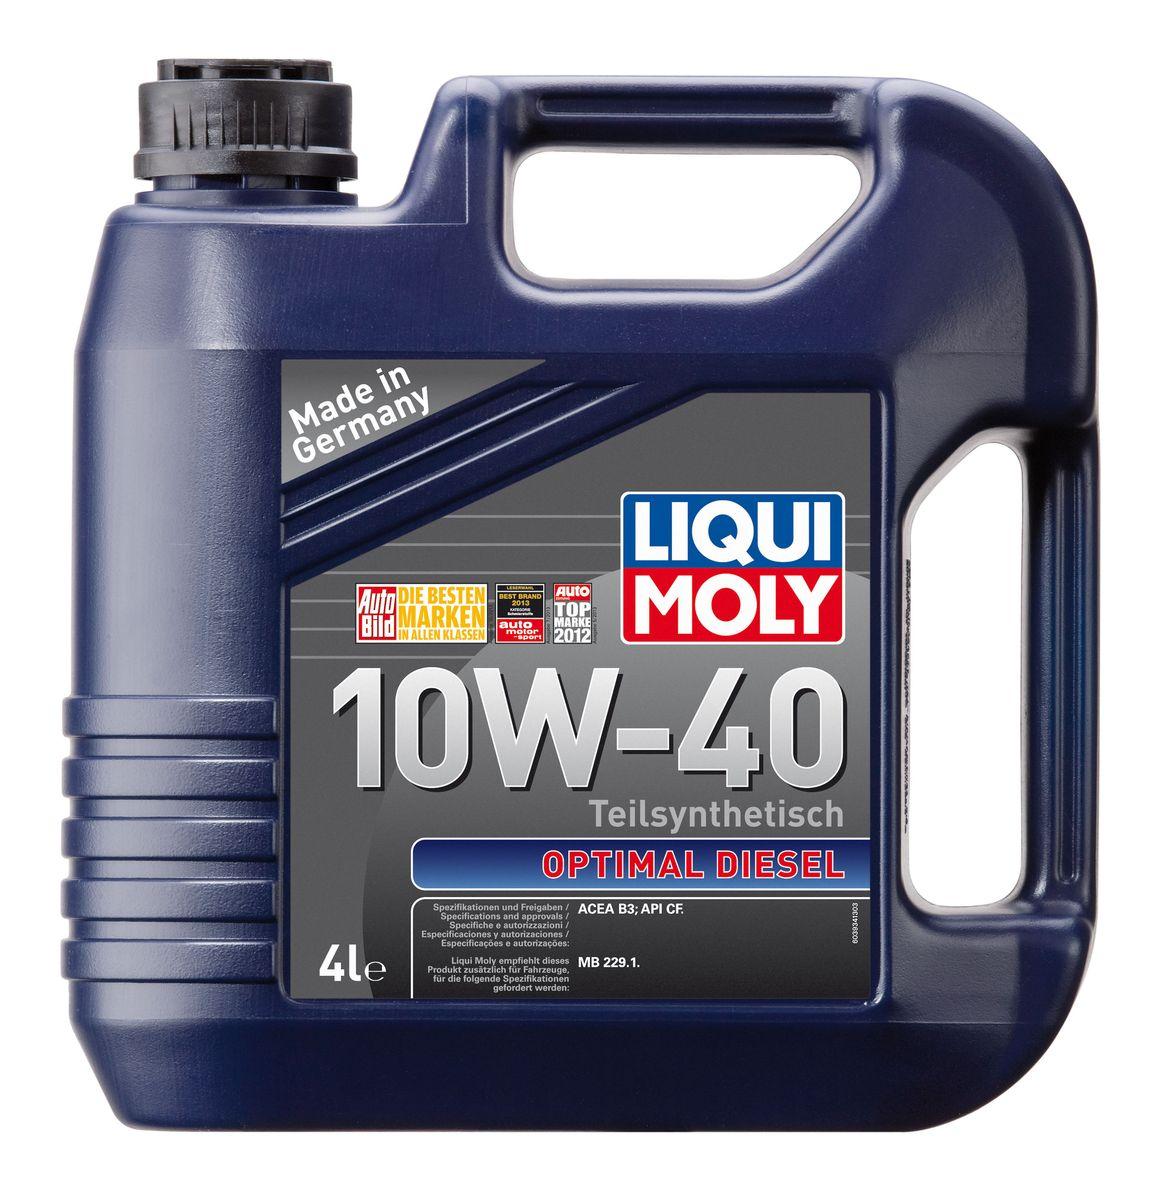 Масло моторное Liqui Moly Optimal Diesel, полусинтетическое, 10W-40, 4 л присадка liqui moly benzin system pflege для ухода за бензиновой системой впрыска 0 3 л